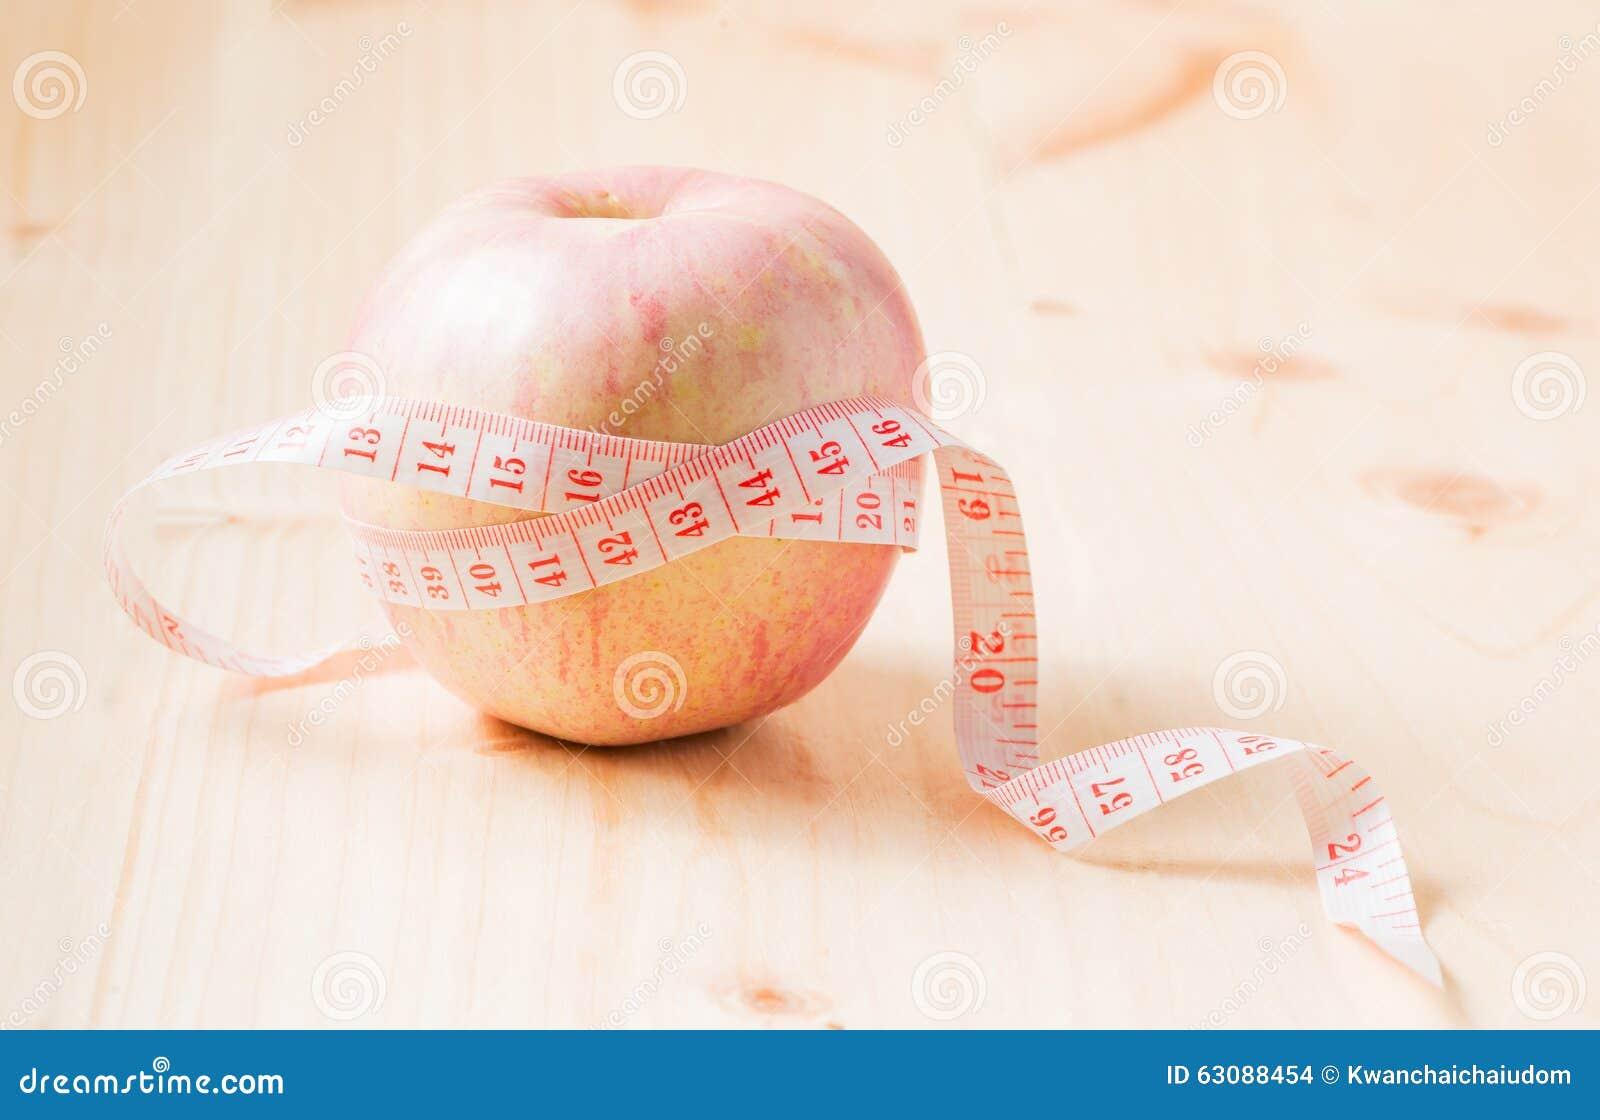 Download Bande De Mesure Enroulée Autour De La Pomme Comme Symbole De Régime, Sur Le Bois Photo stock - Image du poids, dieting: 63088454